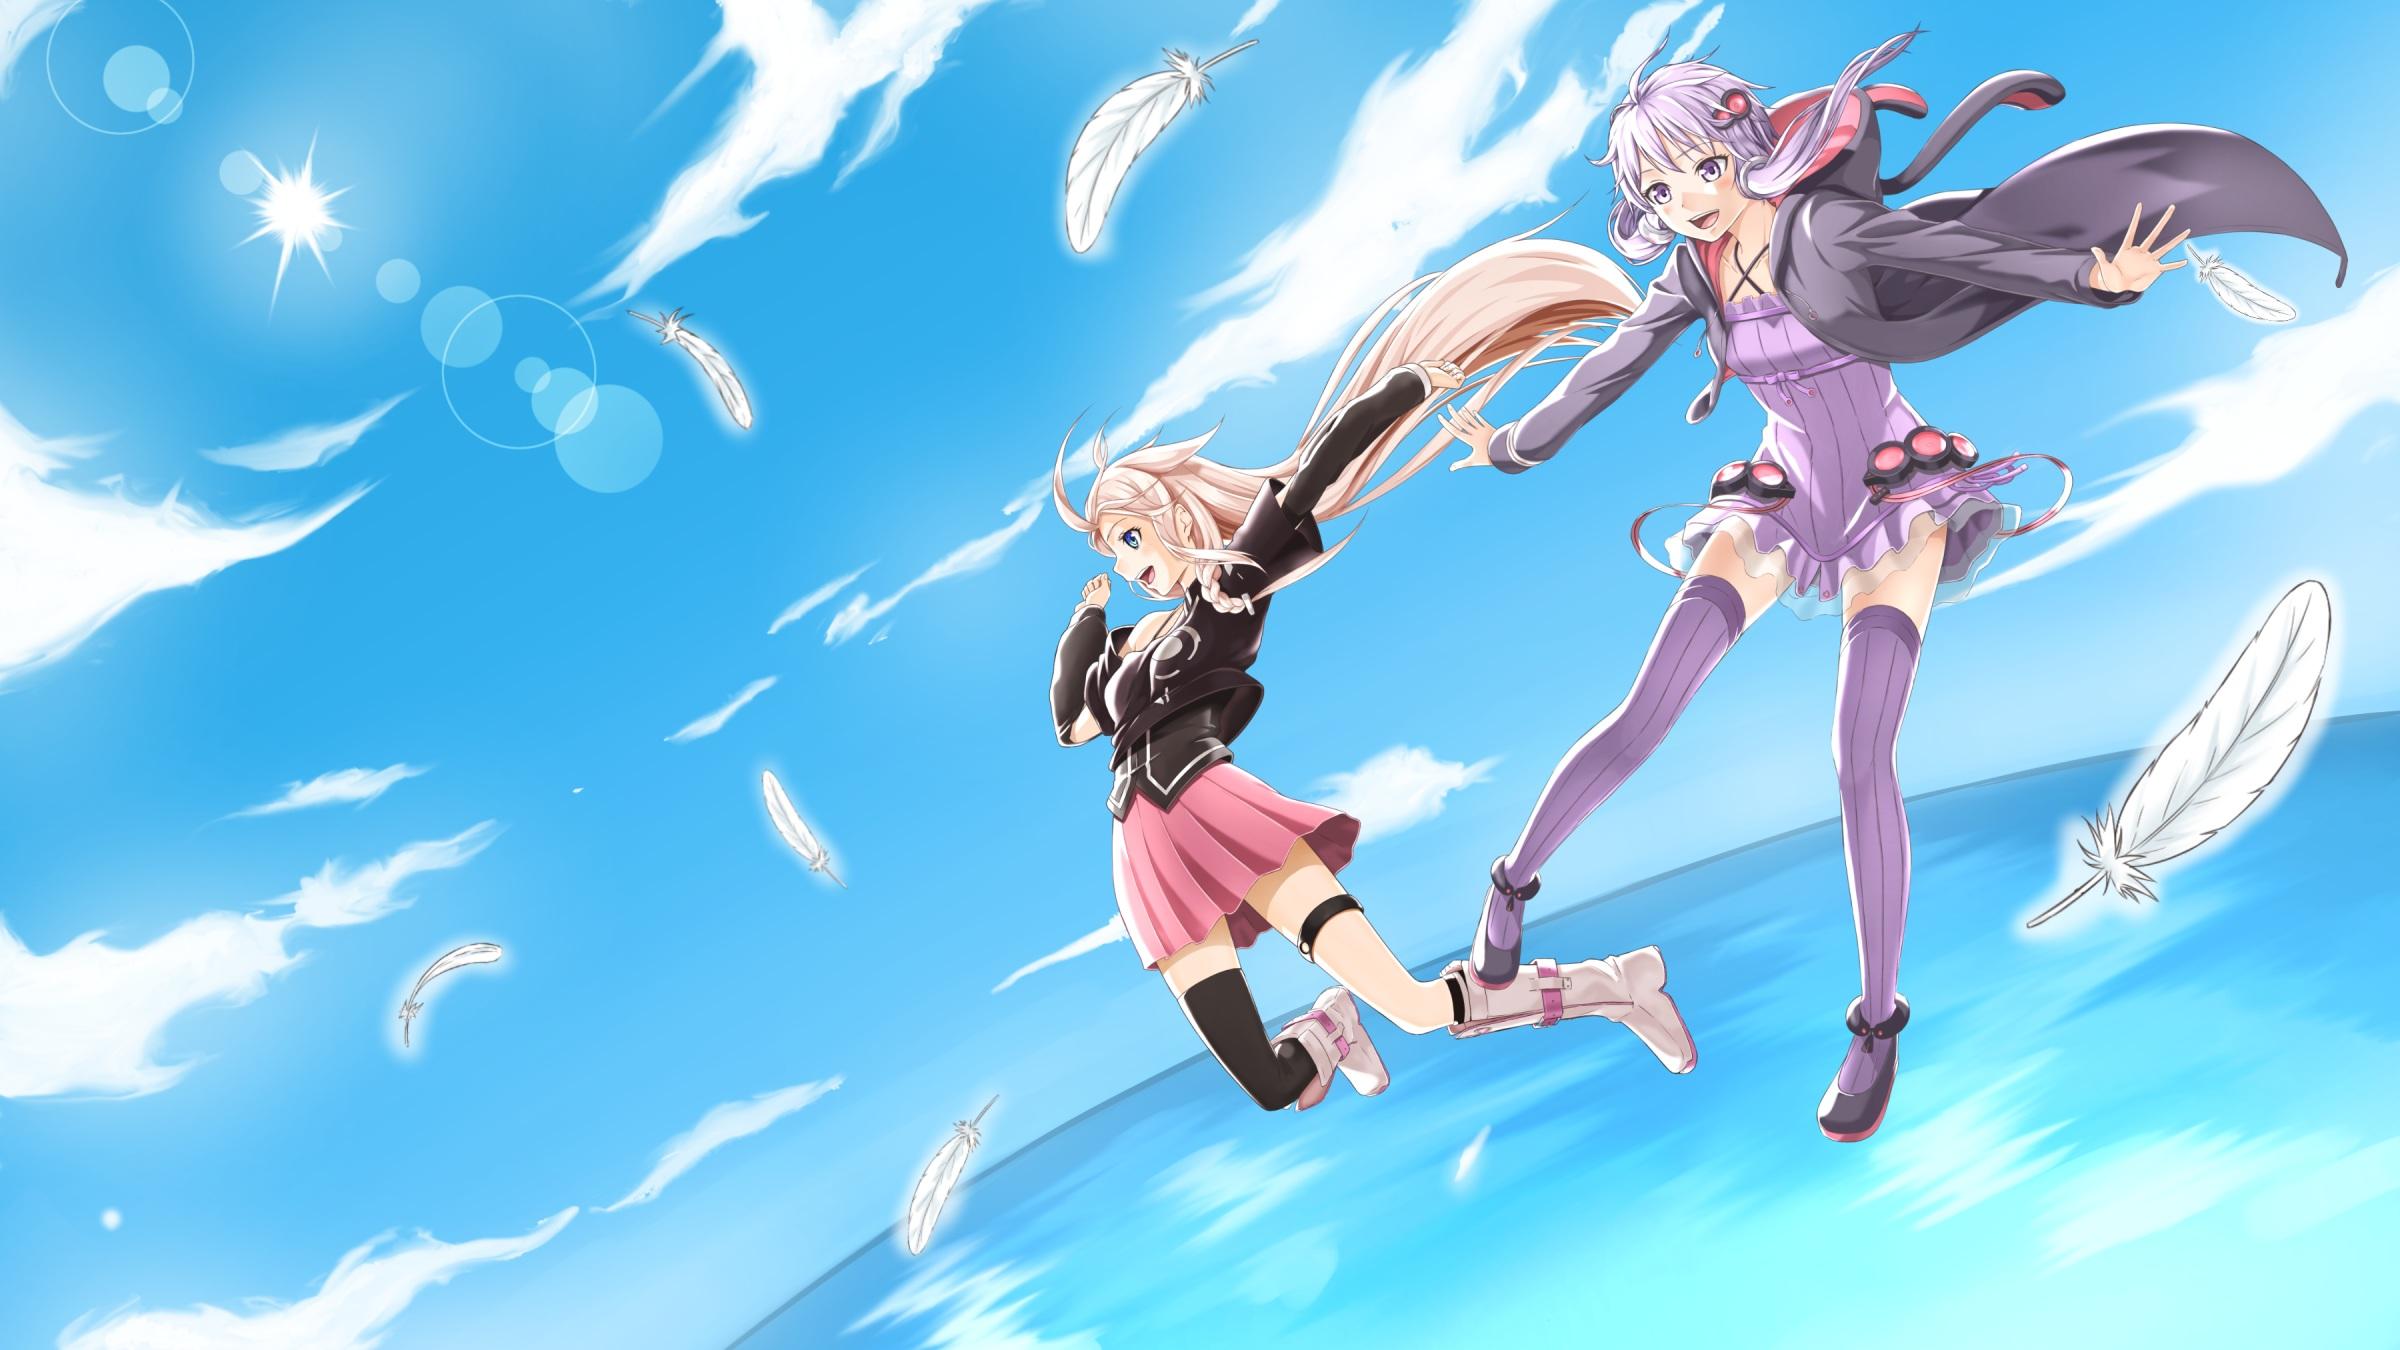 Anime Wallpaper Girls Hair Blonde Eyes Purple Ia Yukari Yuzuki Hd Wallpaper Background Image